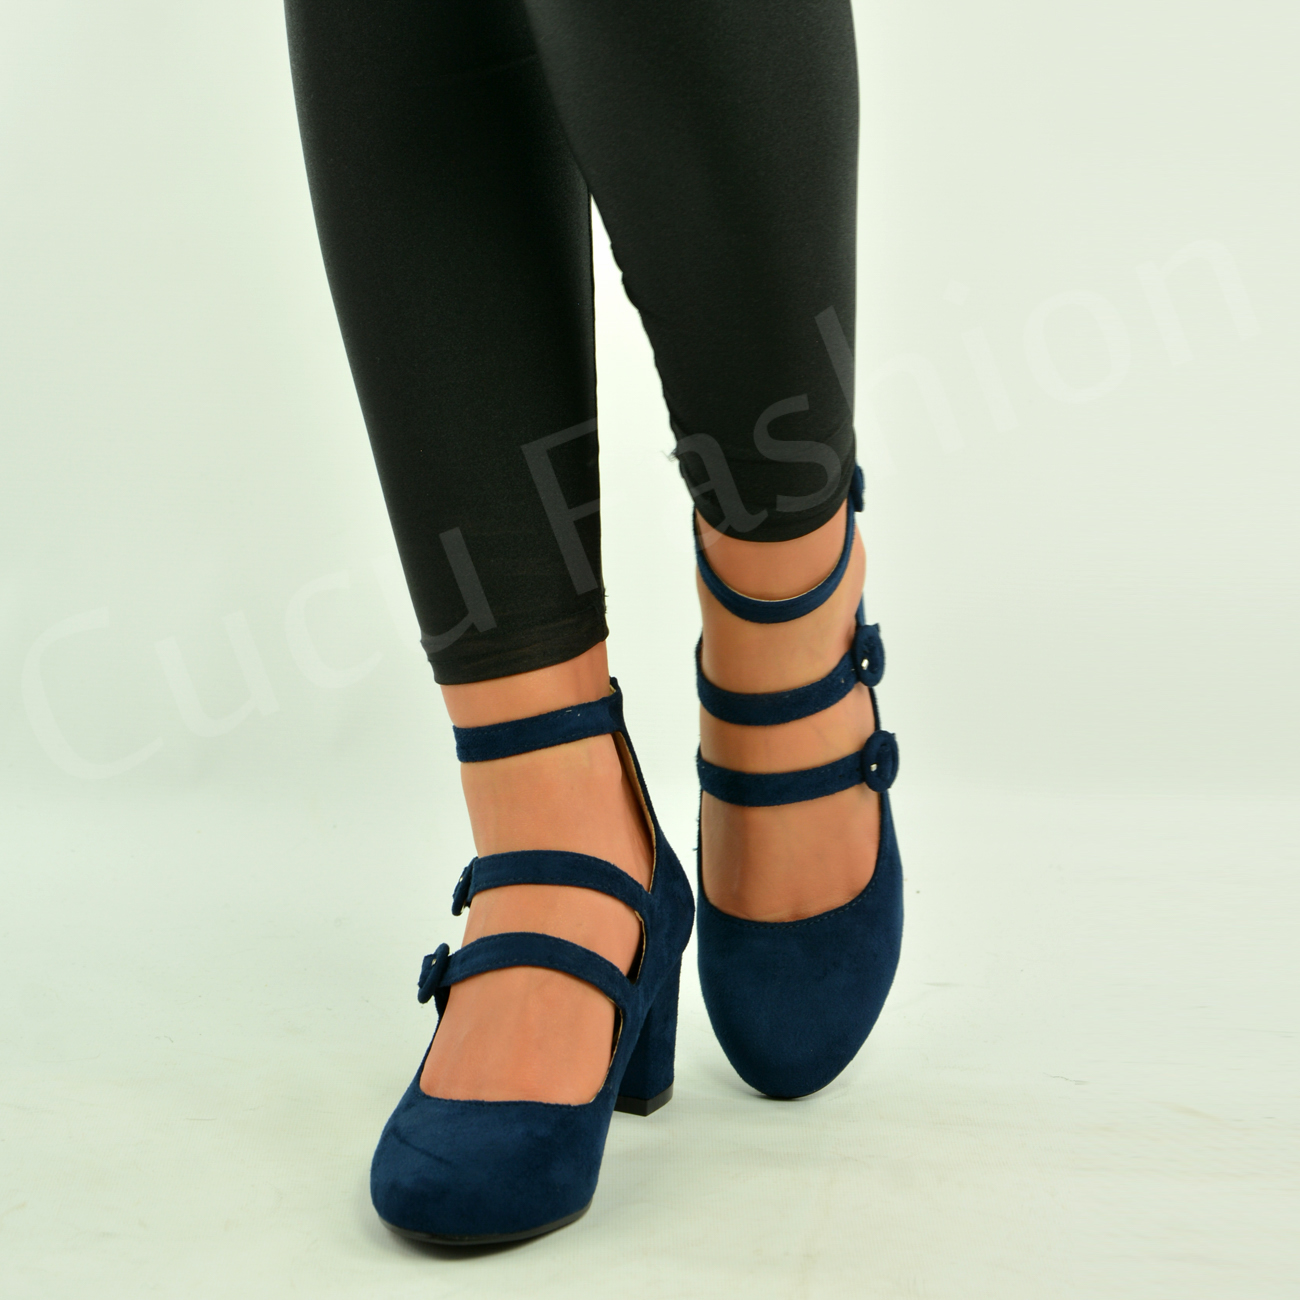 Colour Block Shoes Size